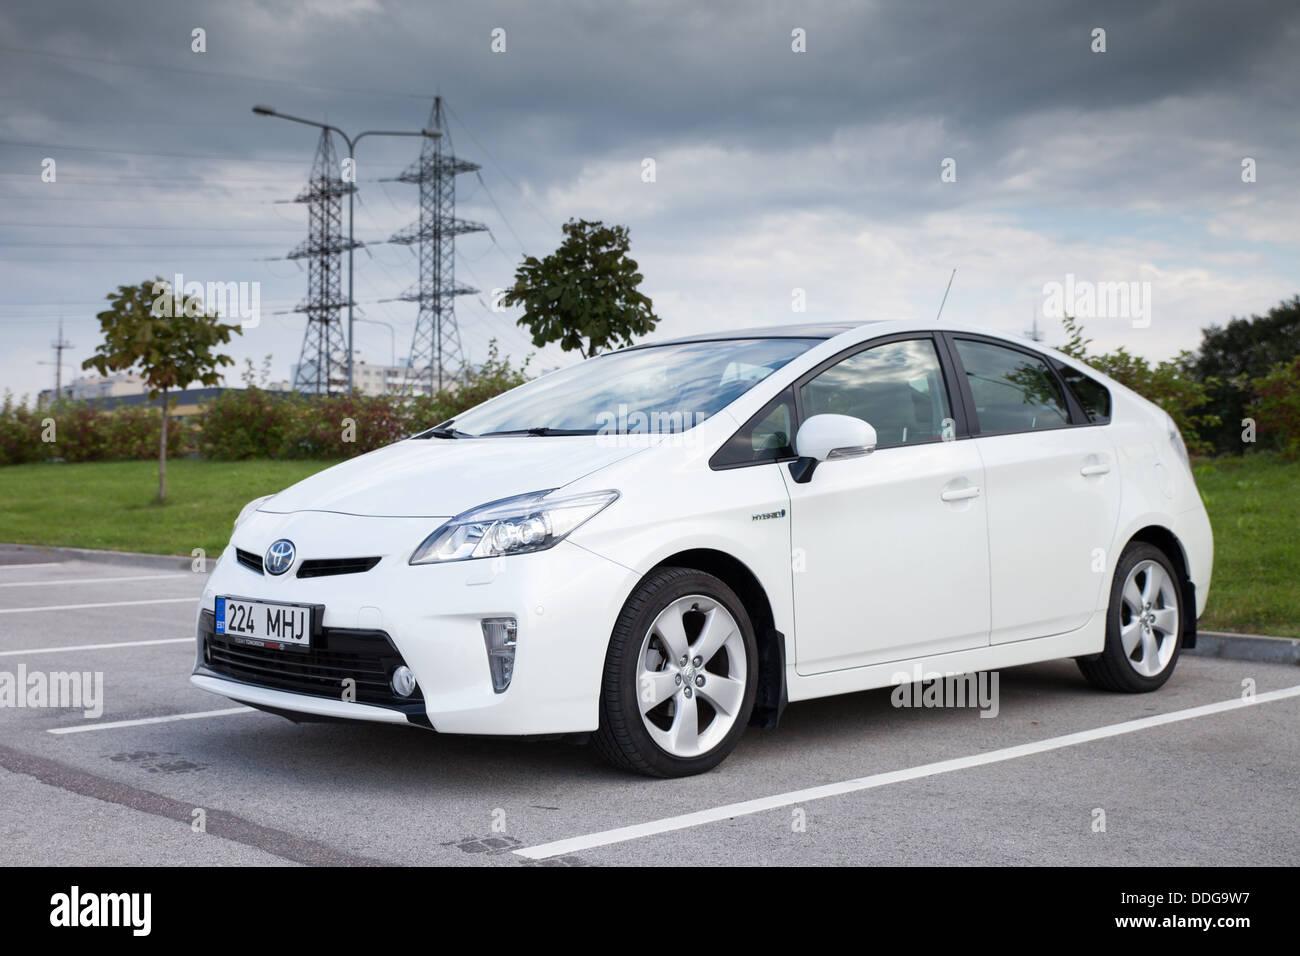 Toyota Prius ibrida auto - modello anno 2012. Toyota è uno dei produttori leader di tecnologia ibrida automobili Immagini Stock